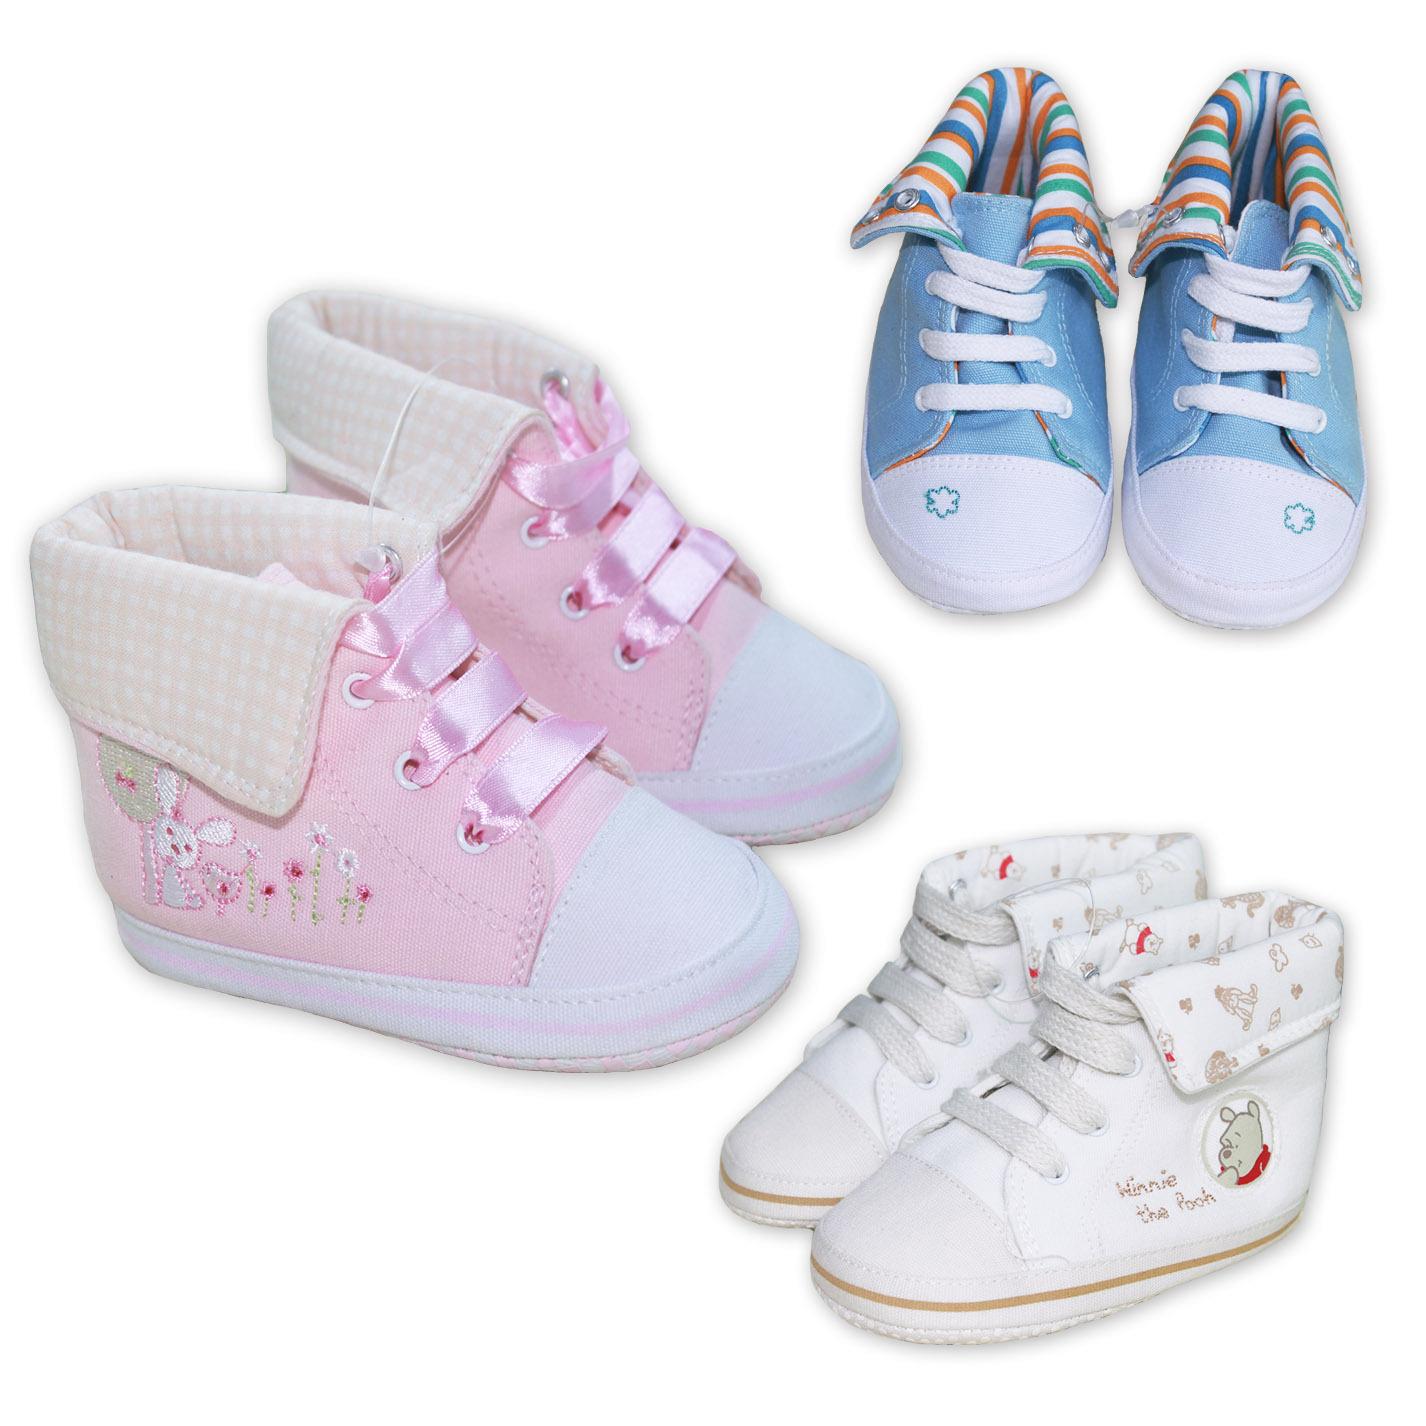 Детские ботинки с нескользящей подошвой Tiny ted xz014 2012 Девушки, Для молодых мужчин, Унисекс 100 хлопковая ткань Шнурок Персонажи мультфильмов